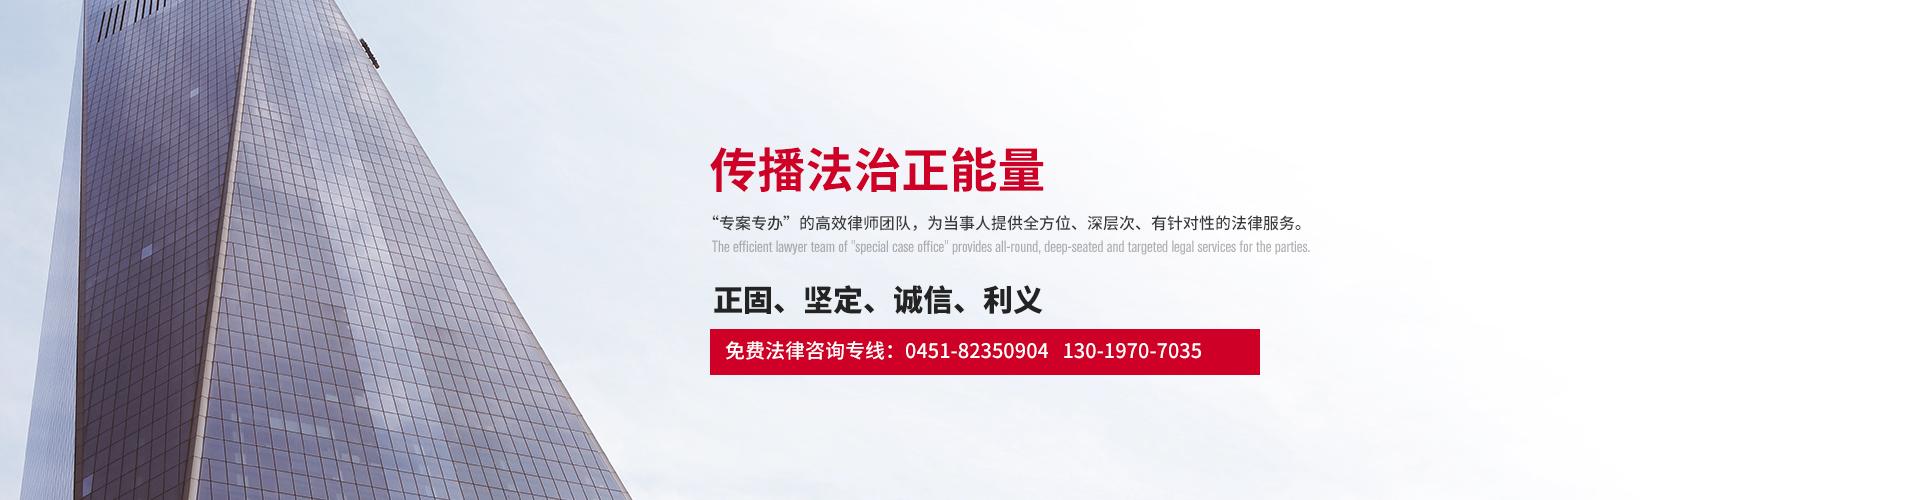 黑龙江盖茗荭律师